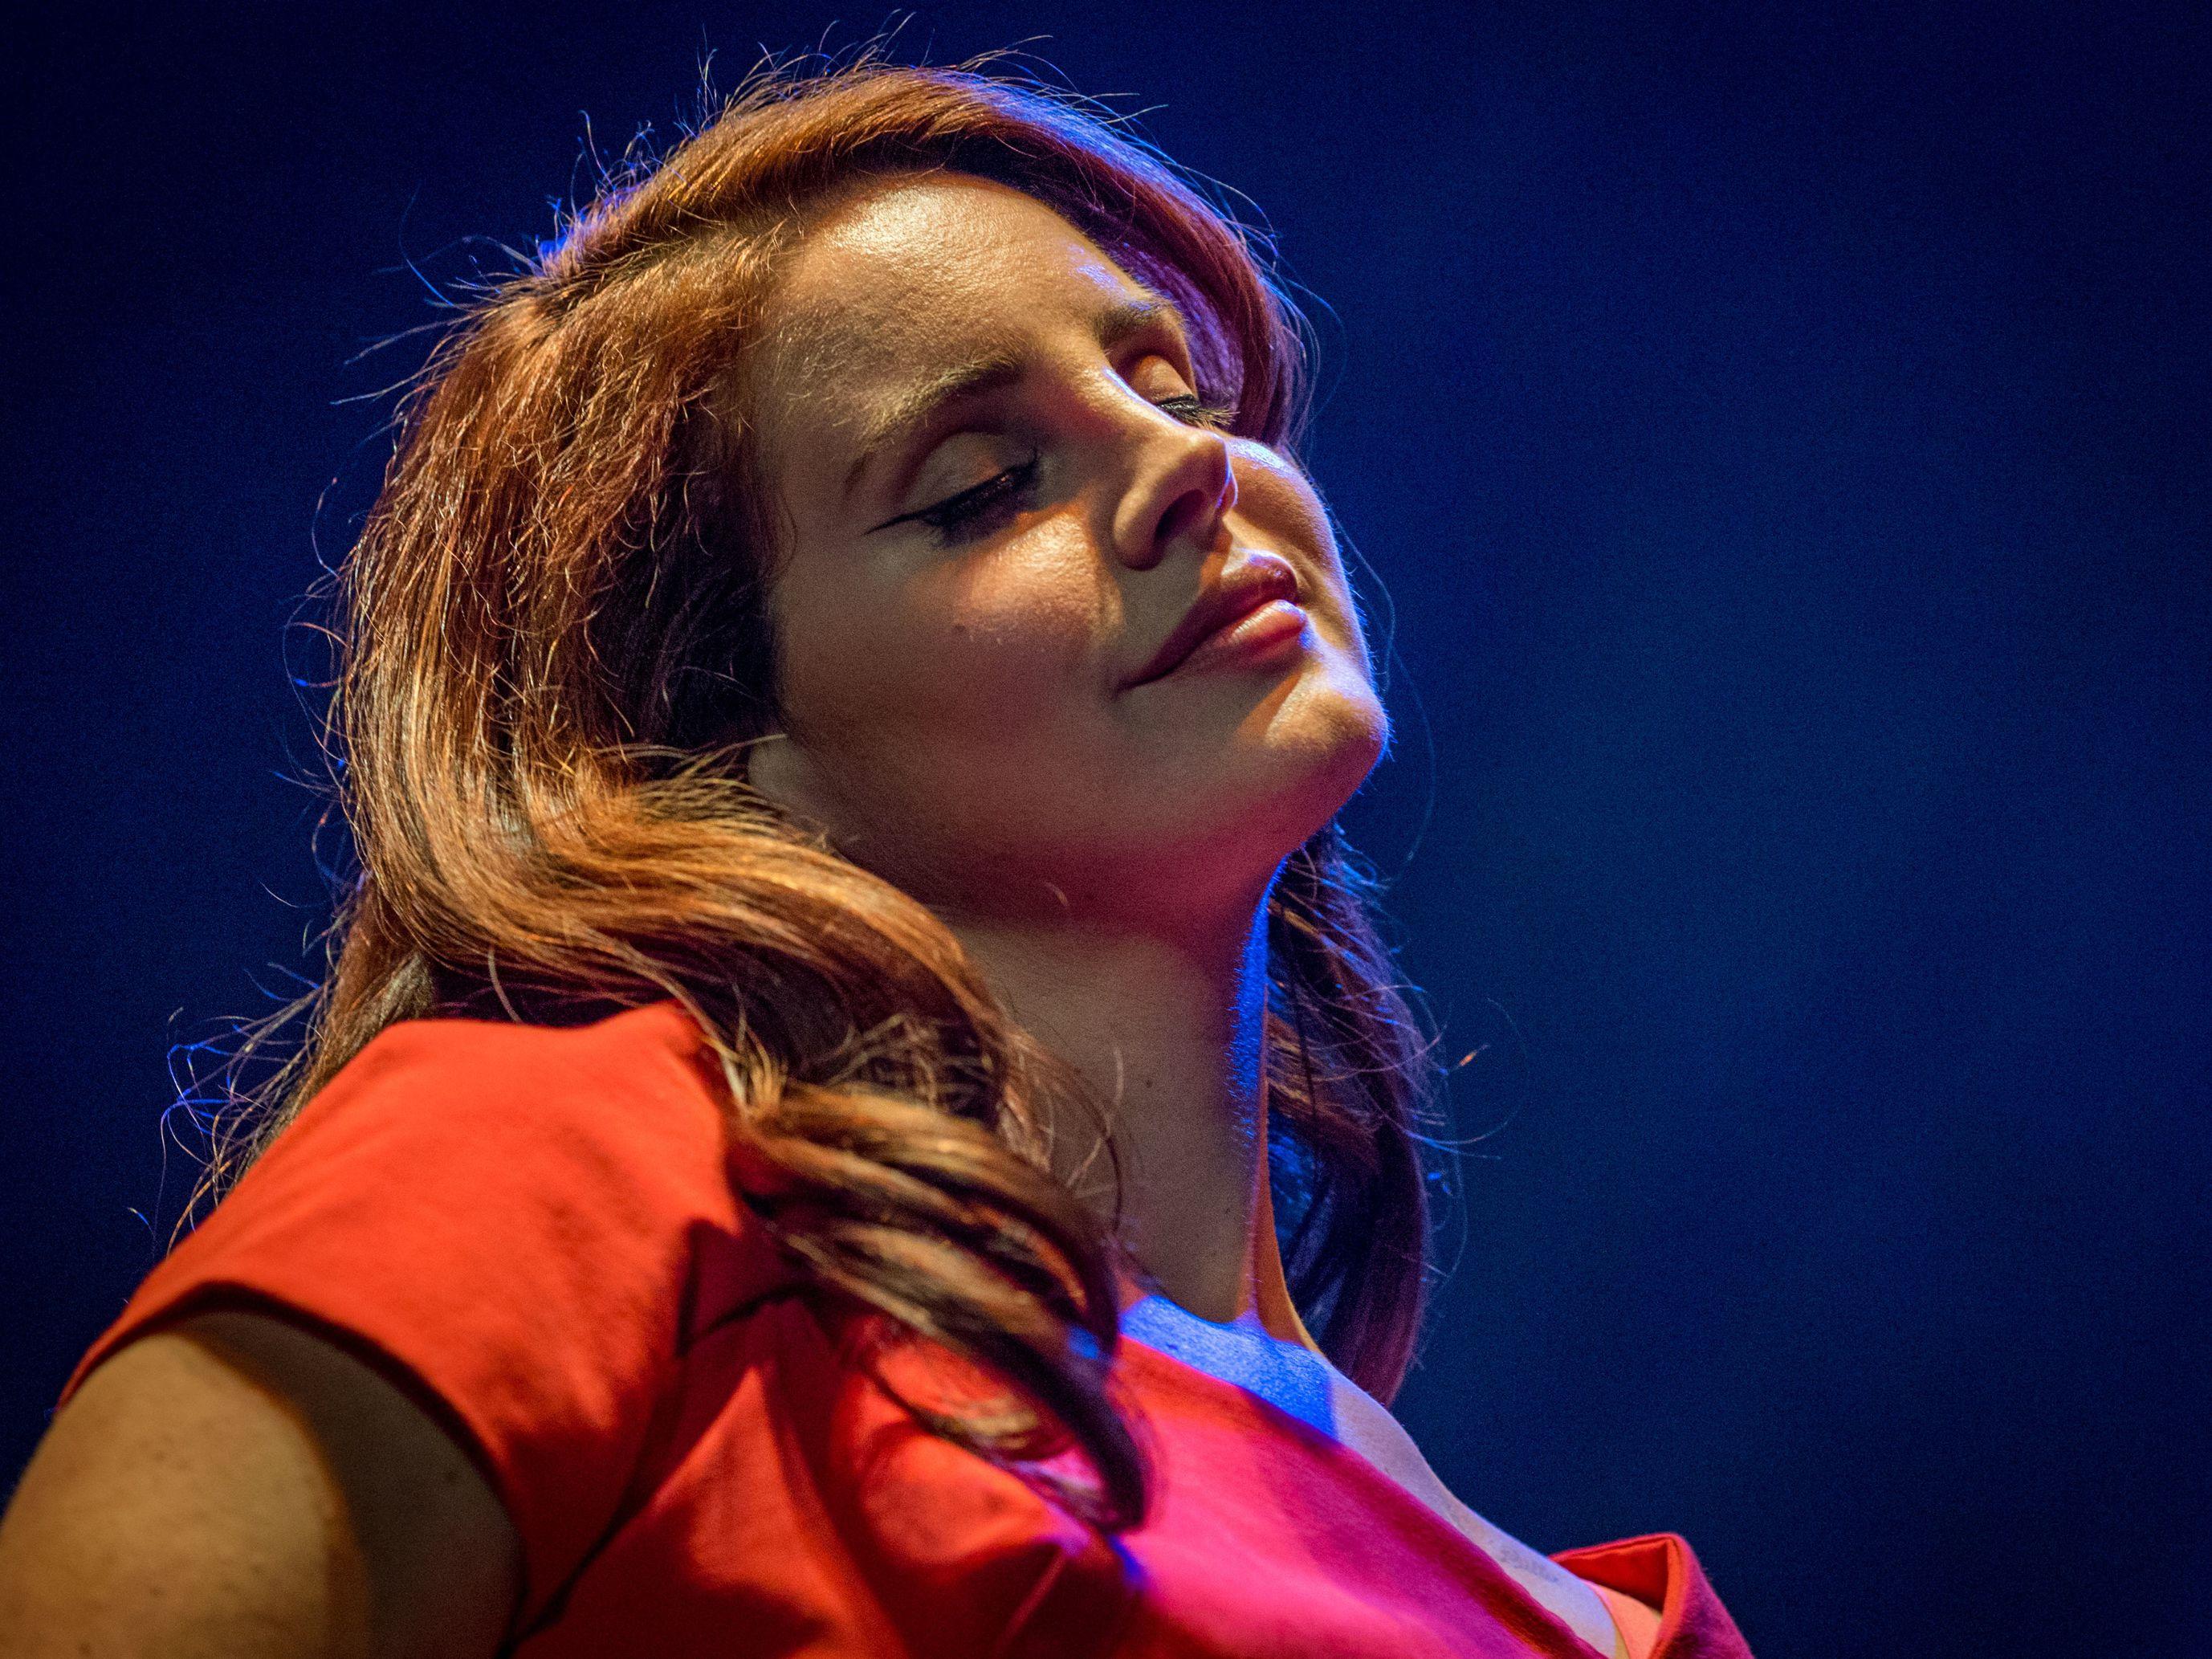 Top 10 Best Lana Del Rey Songs